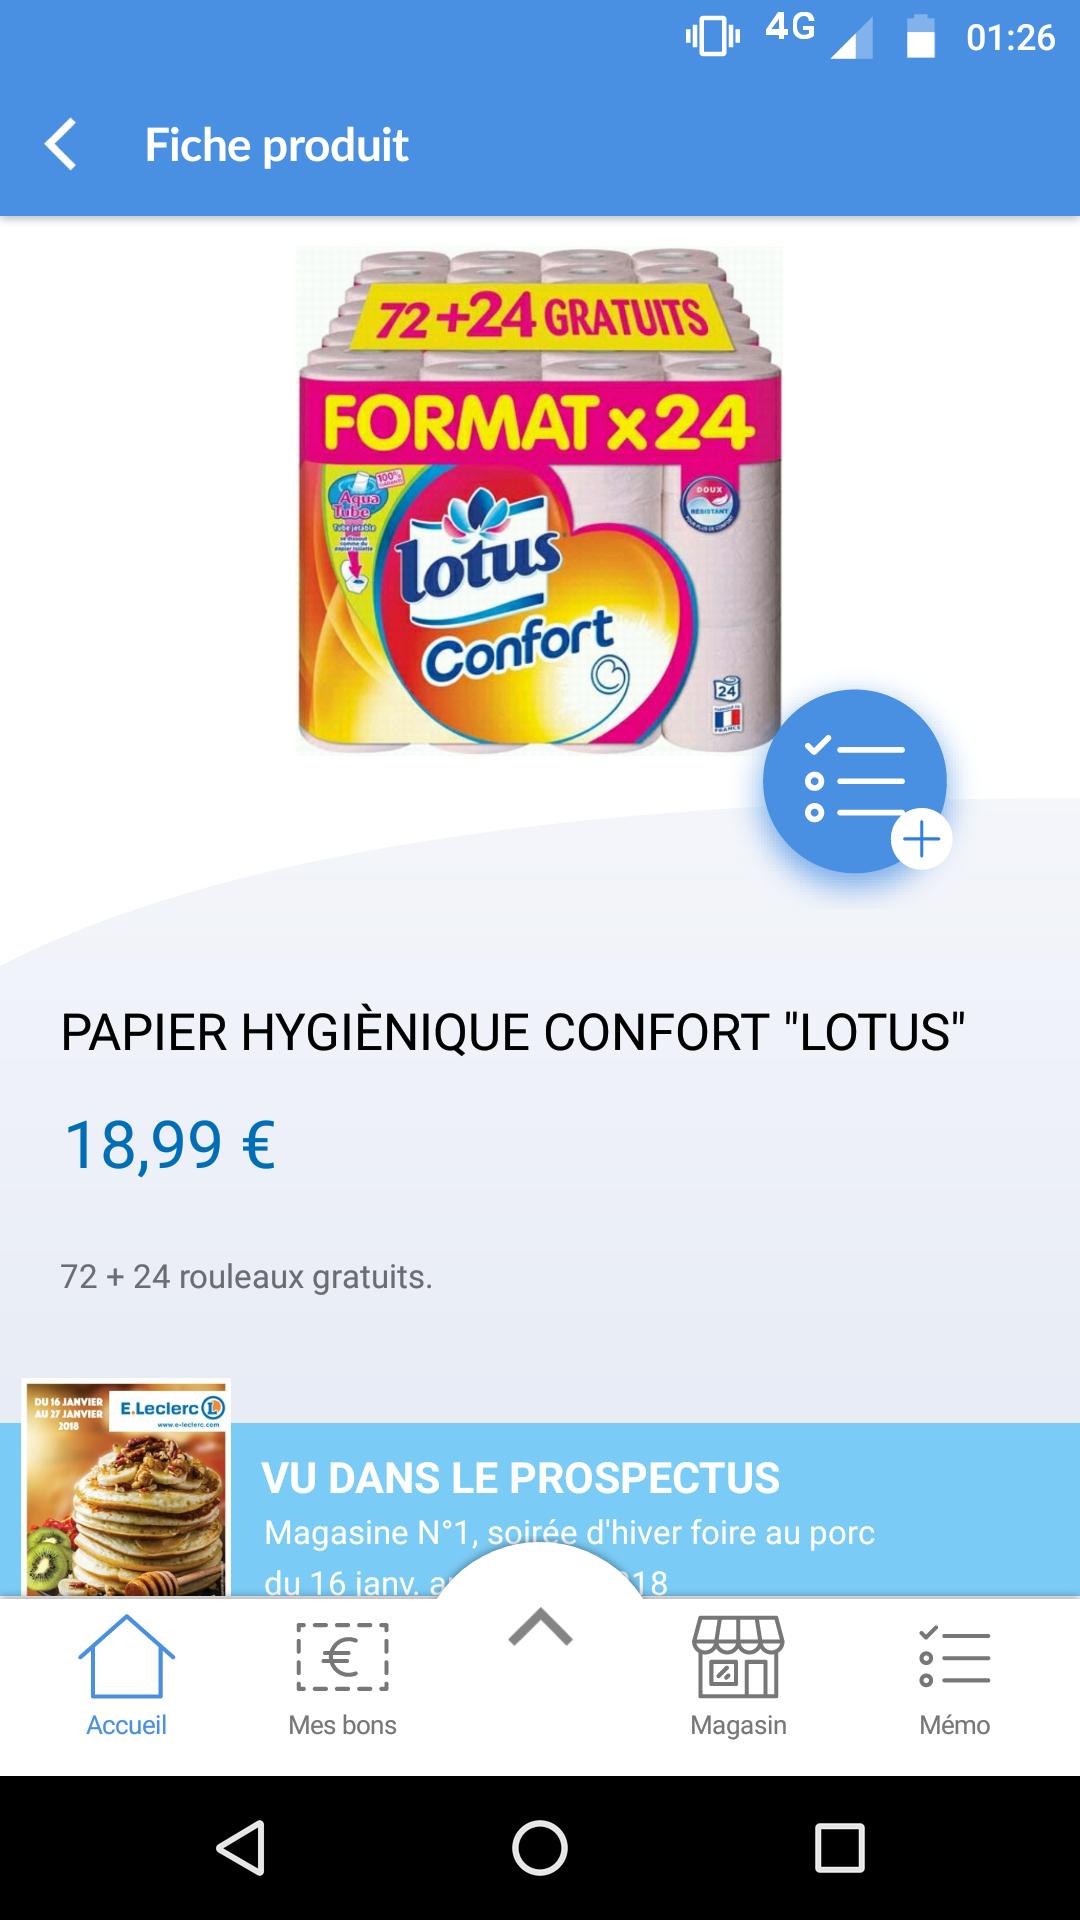 Paquet de 96 rouleaux de papier-toilette Lotus Confort